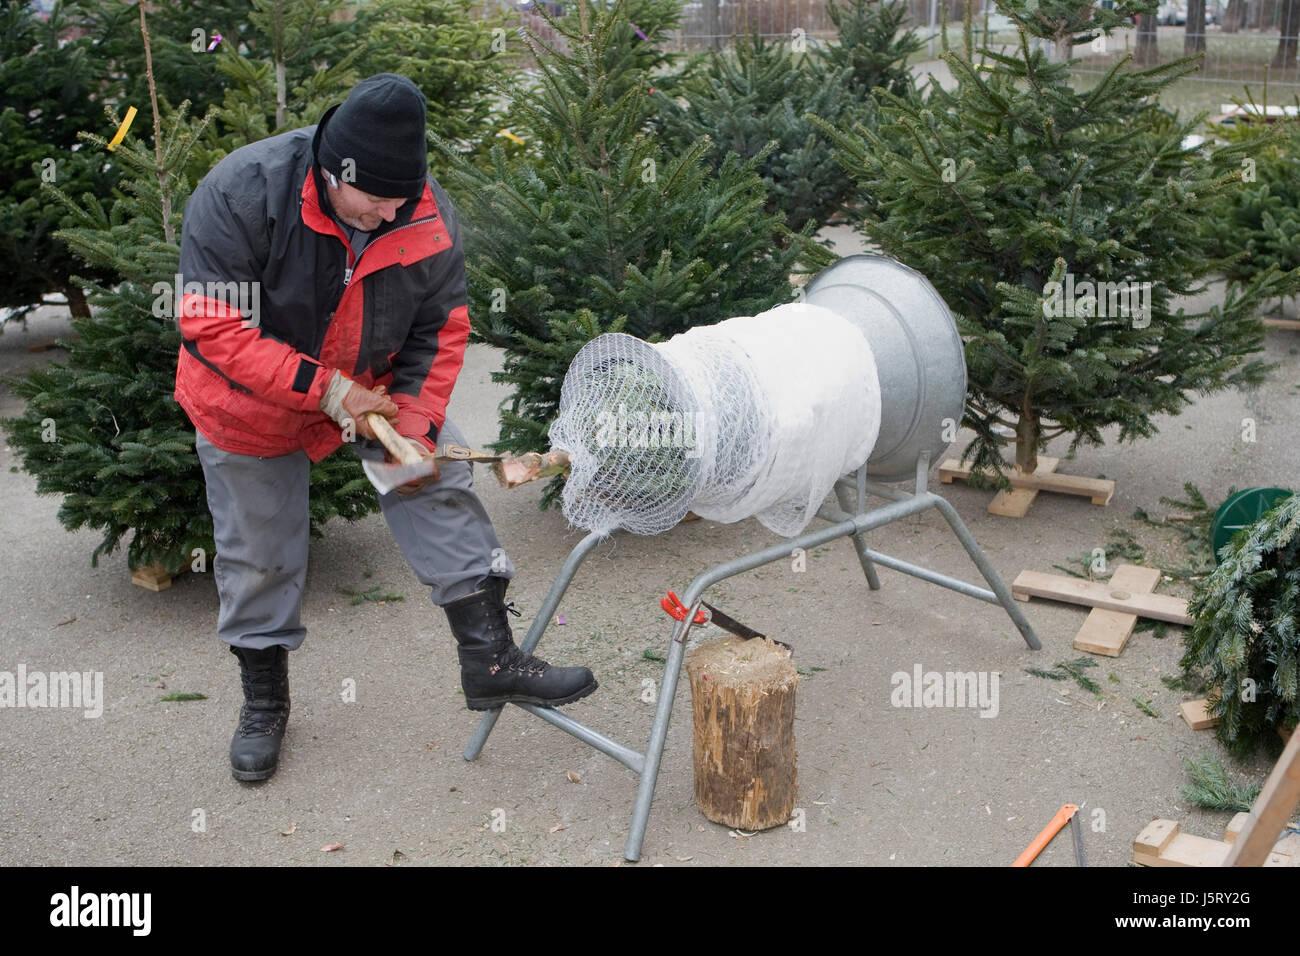 Party Feier Nadelbaum Verkauf Weihnachtsbaum Weihnachten Yule Kiosk fein gewebt Stockfoto